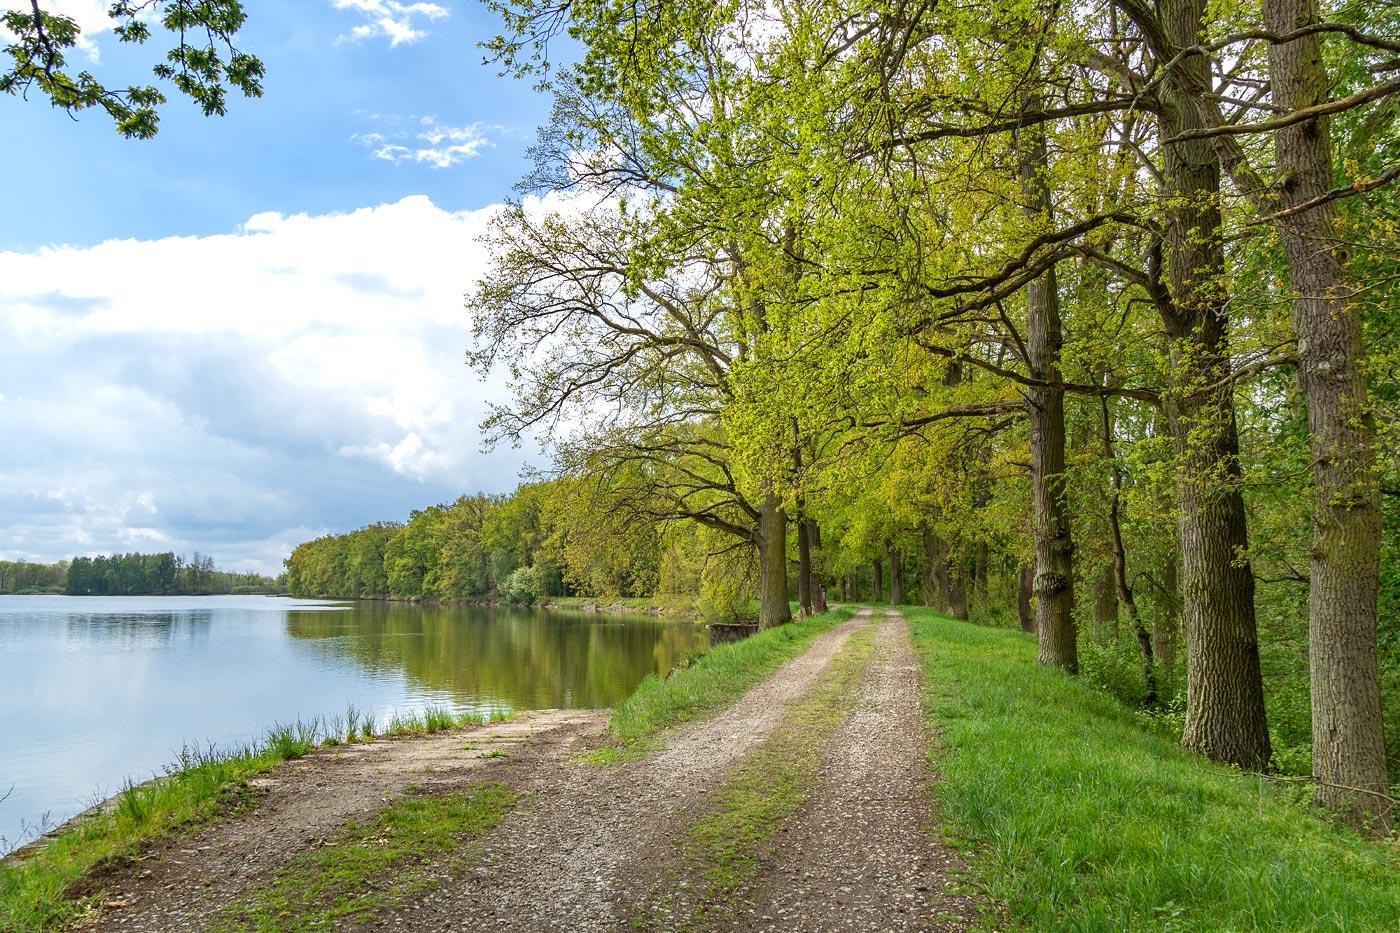 Прогулка у озер около Весели над Лужници, Южная Чехия